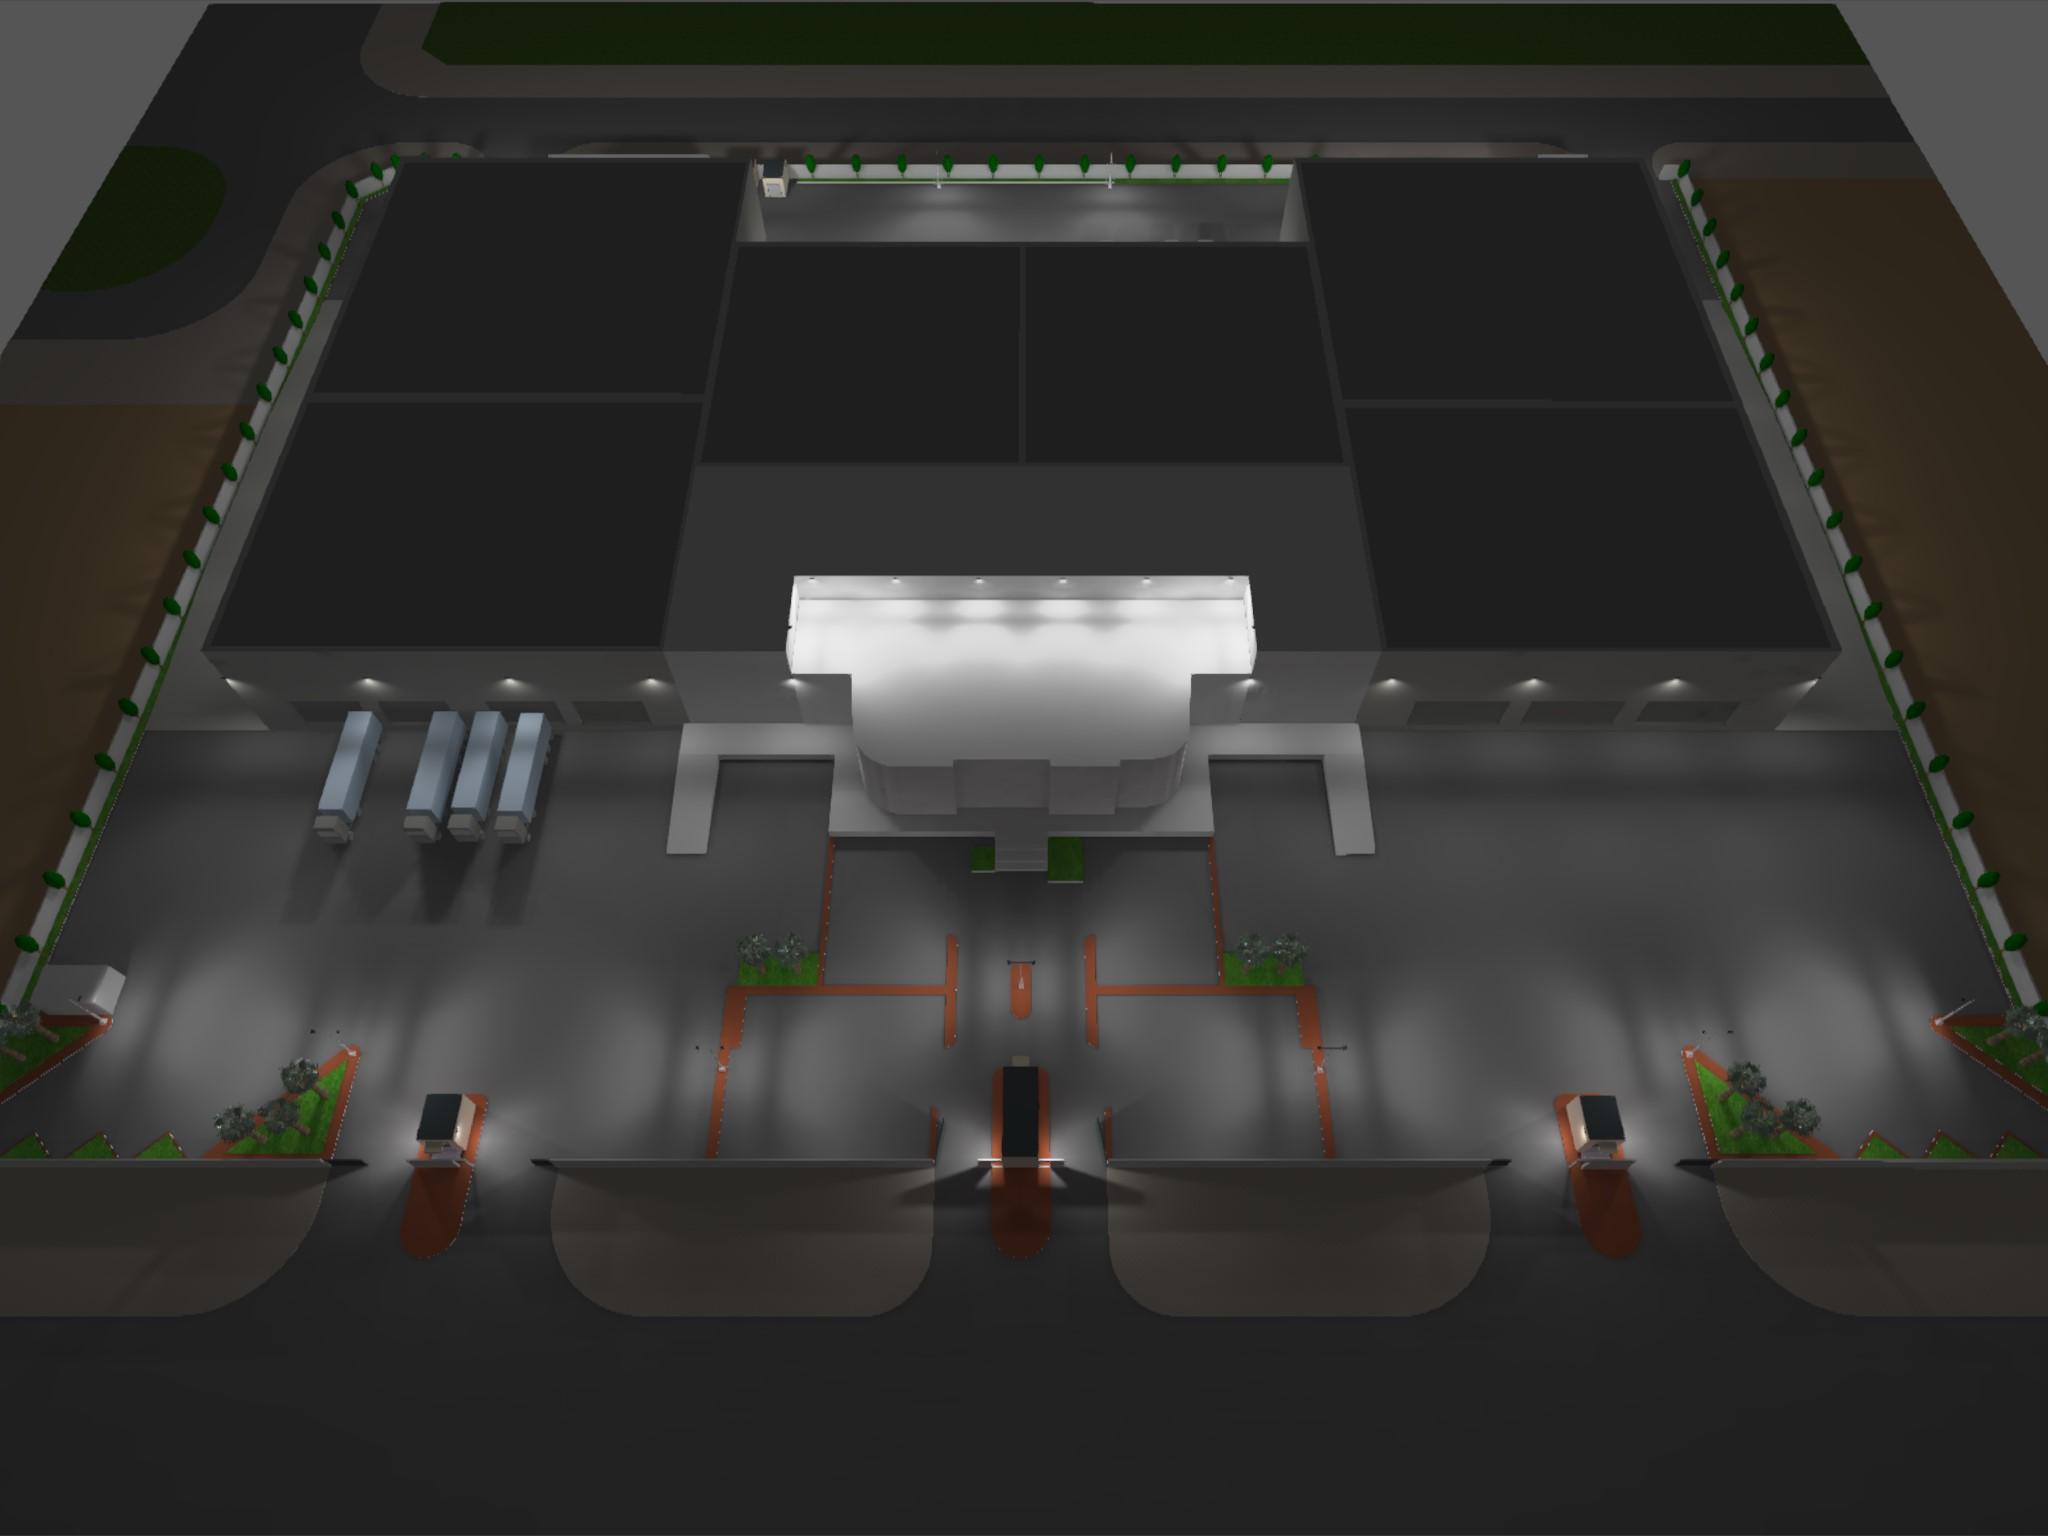 Dialux evo - Warehouse Design - Site View4